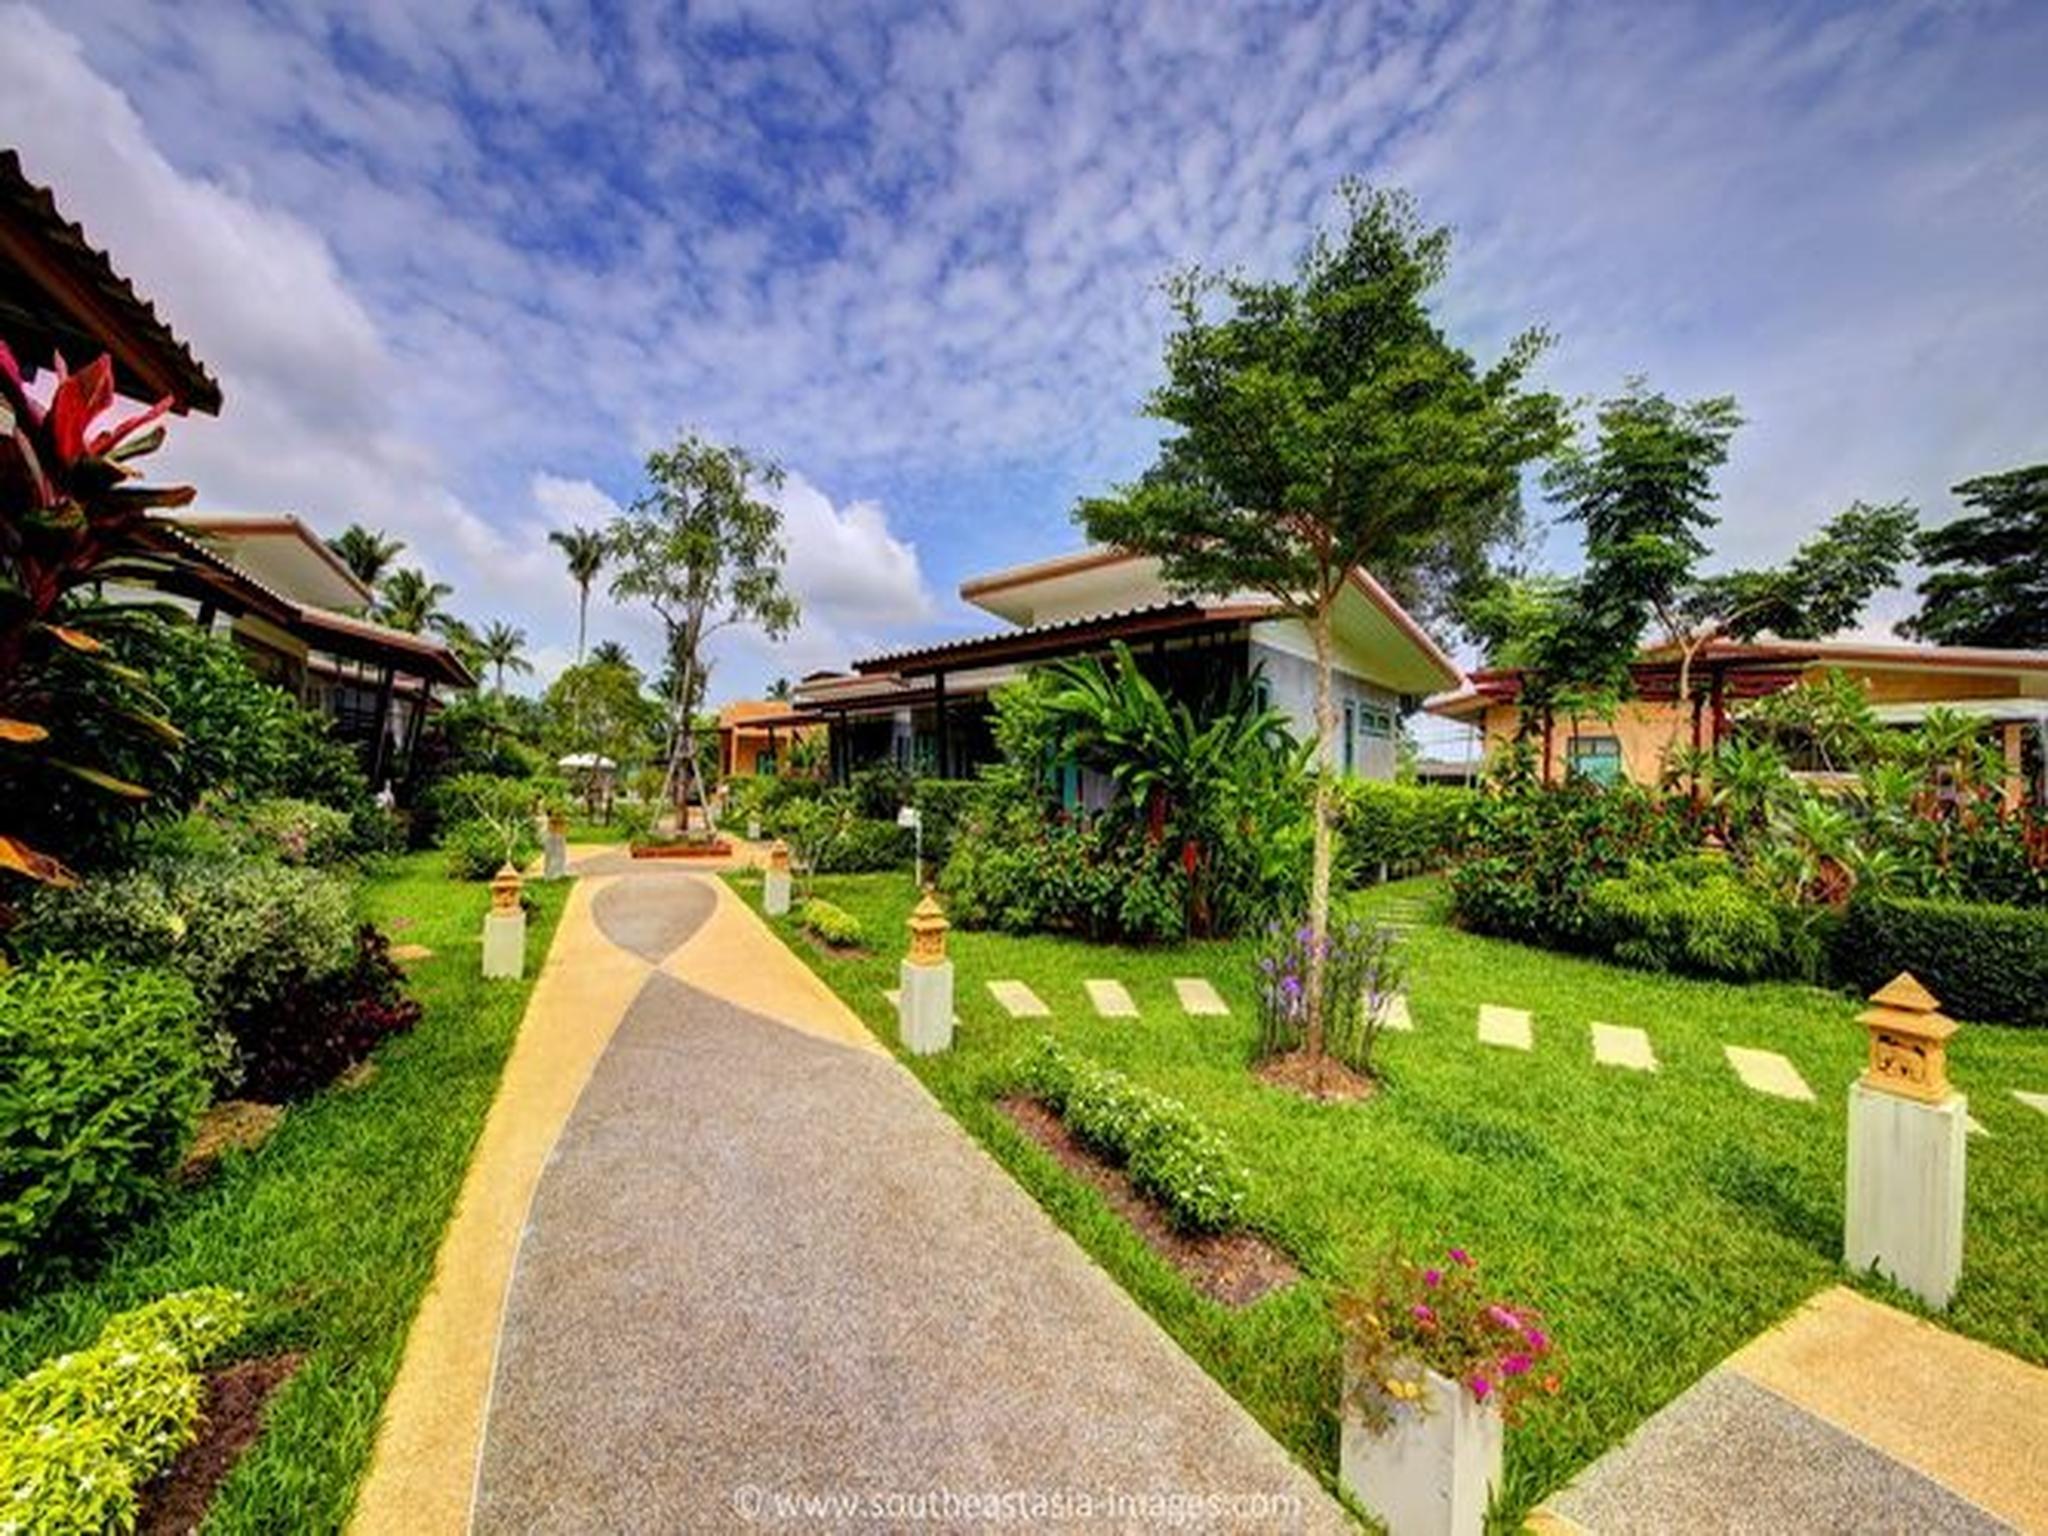 The Gleam Resort, Muang Satun